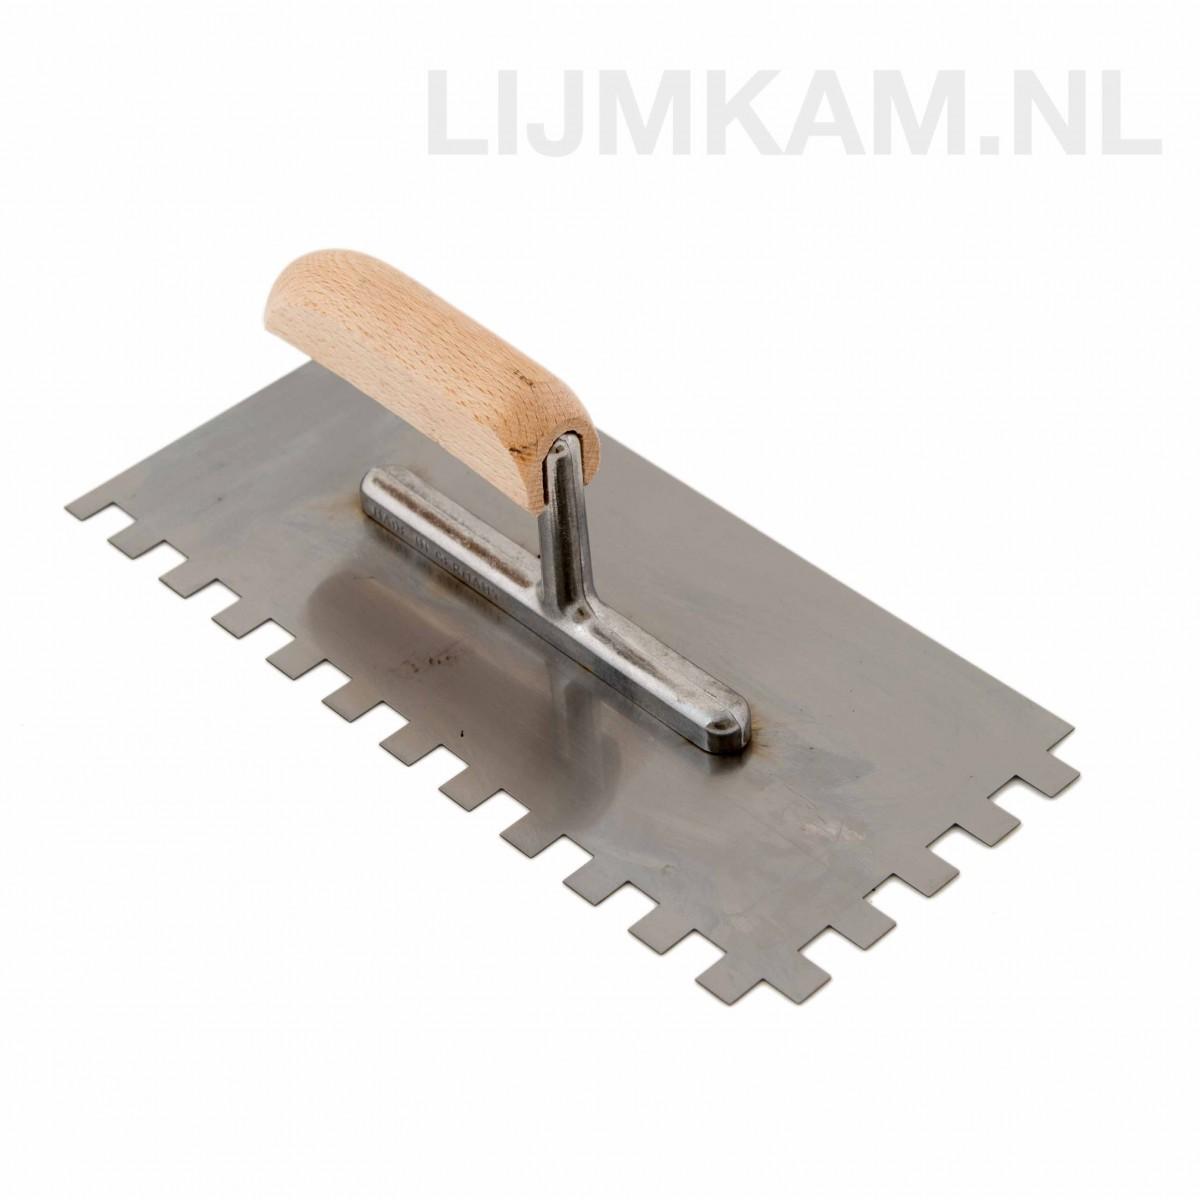 Lijmkam - lijmspaan met houten handvat